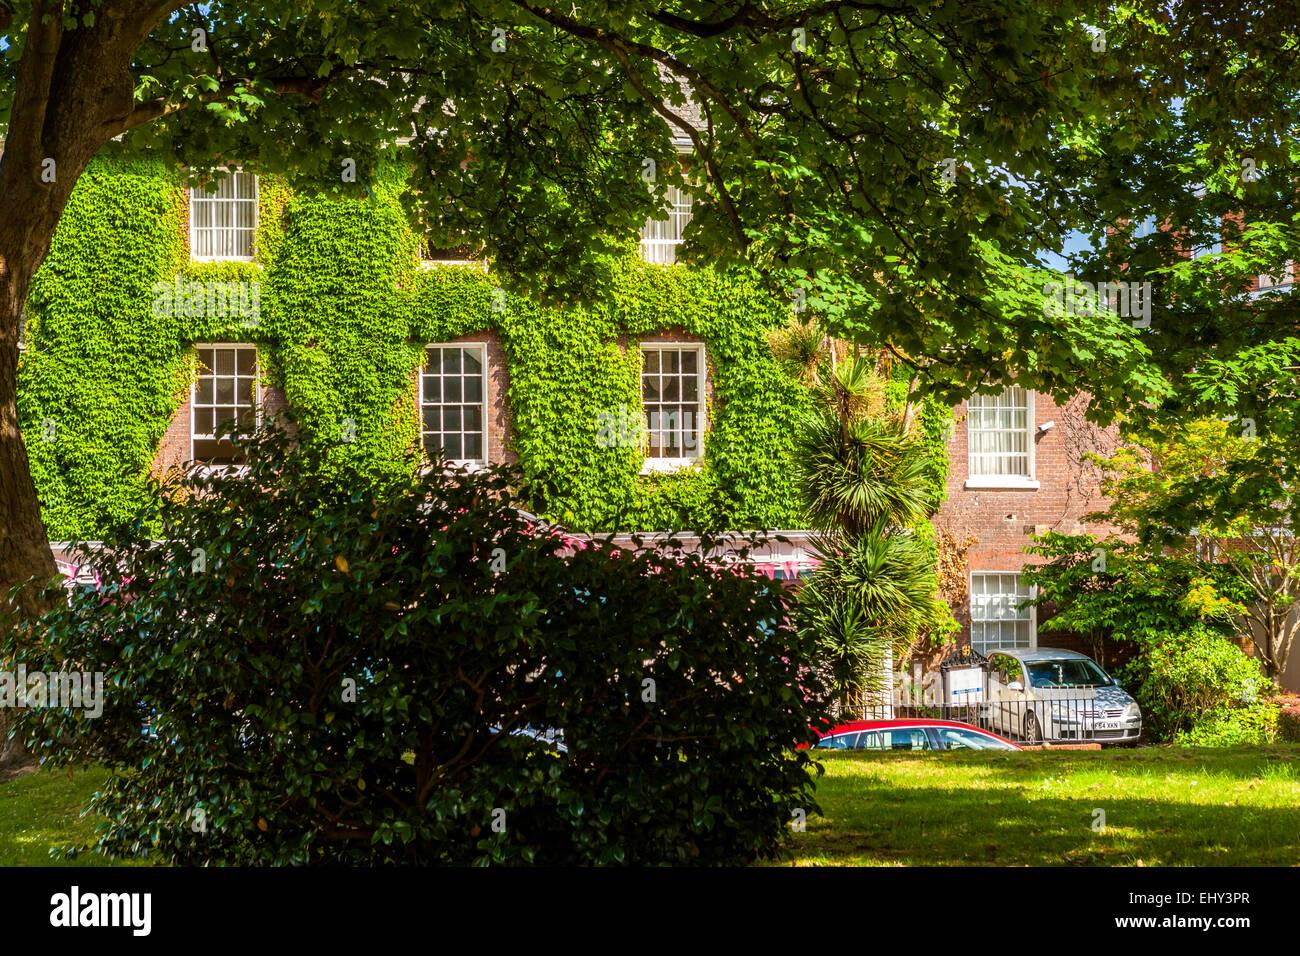 Exeter, Devon, England, UK, Europe. - Stock Image